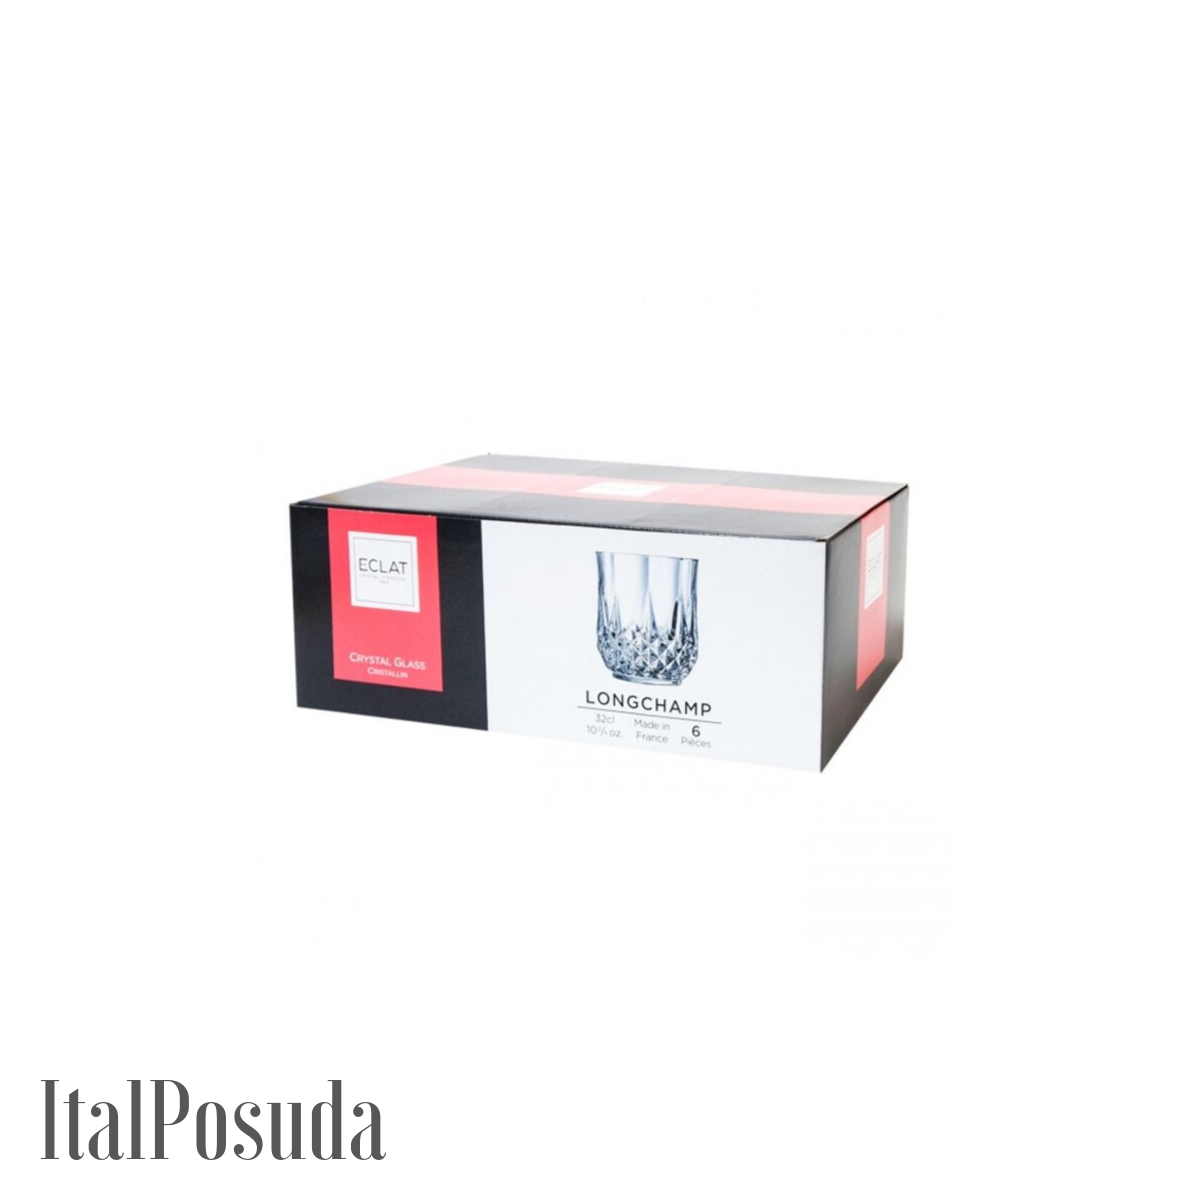 Набор стаканов Eclat Cristal d'Arques Longchamp (Лонгшамп), 6 шт L7555